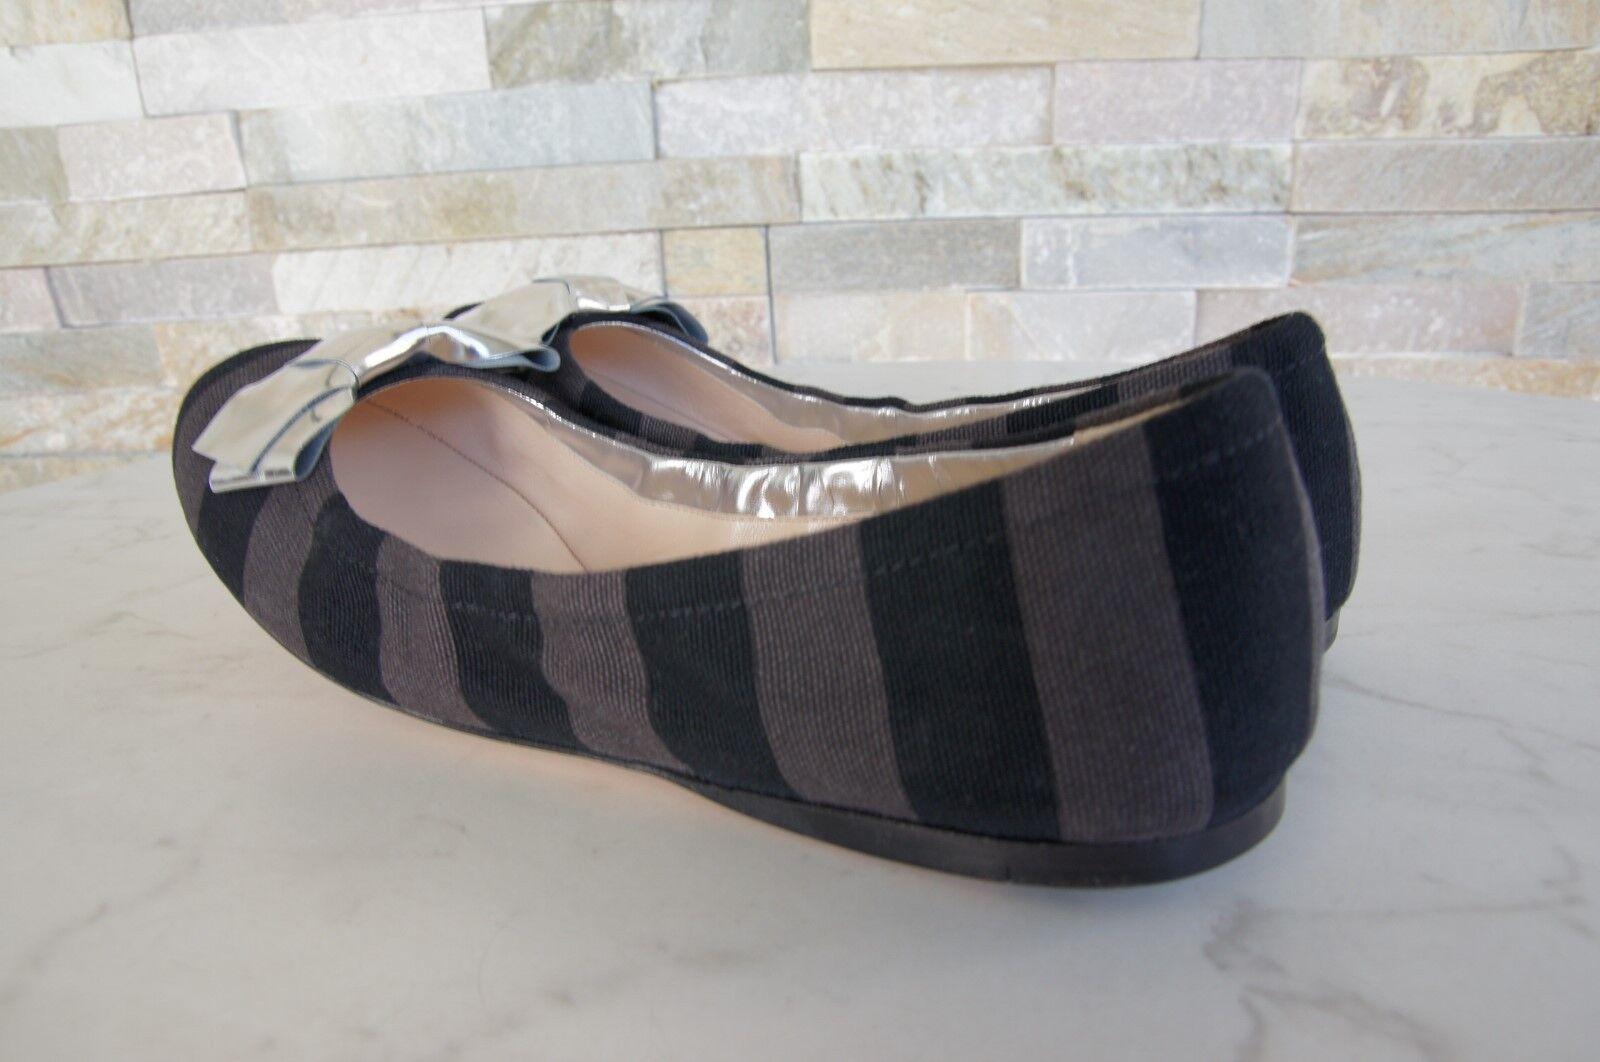 Orig Schuhe Prada Gr 36 Ballerinas Halbschuhe Slipper Schuhe Orig schwarz  grau NEU 320eec